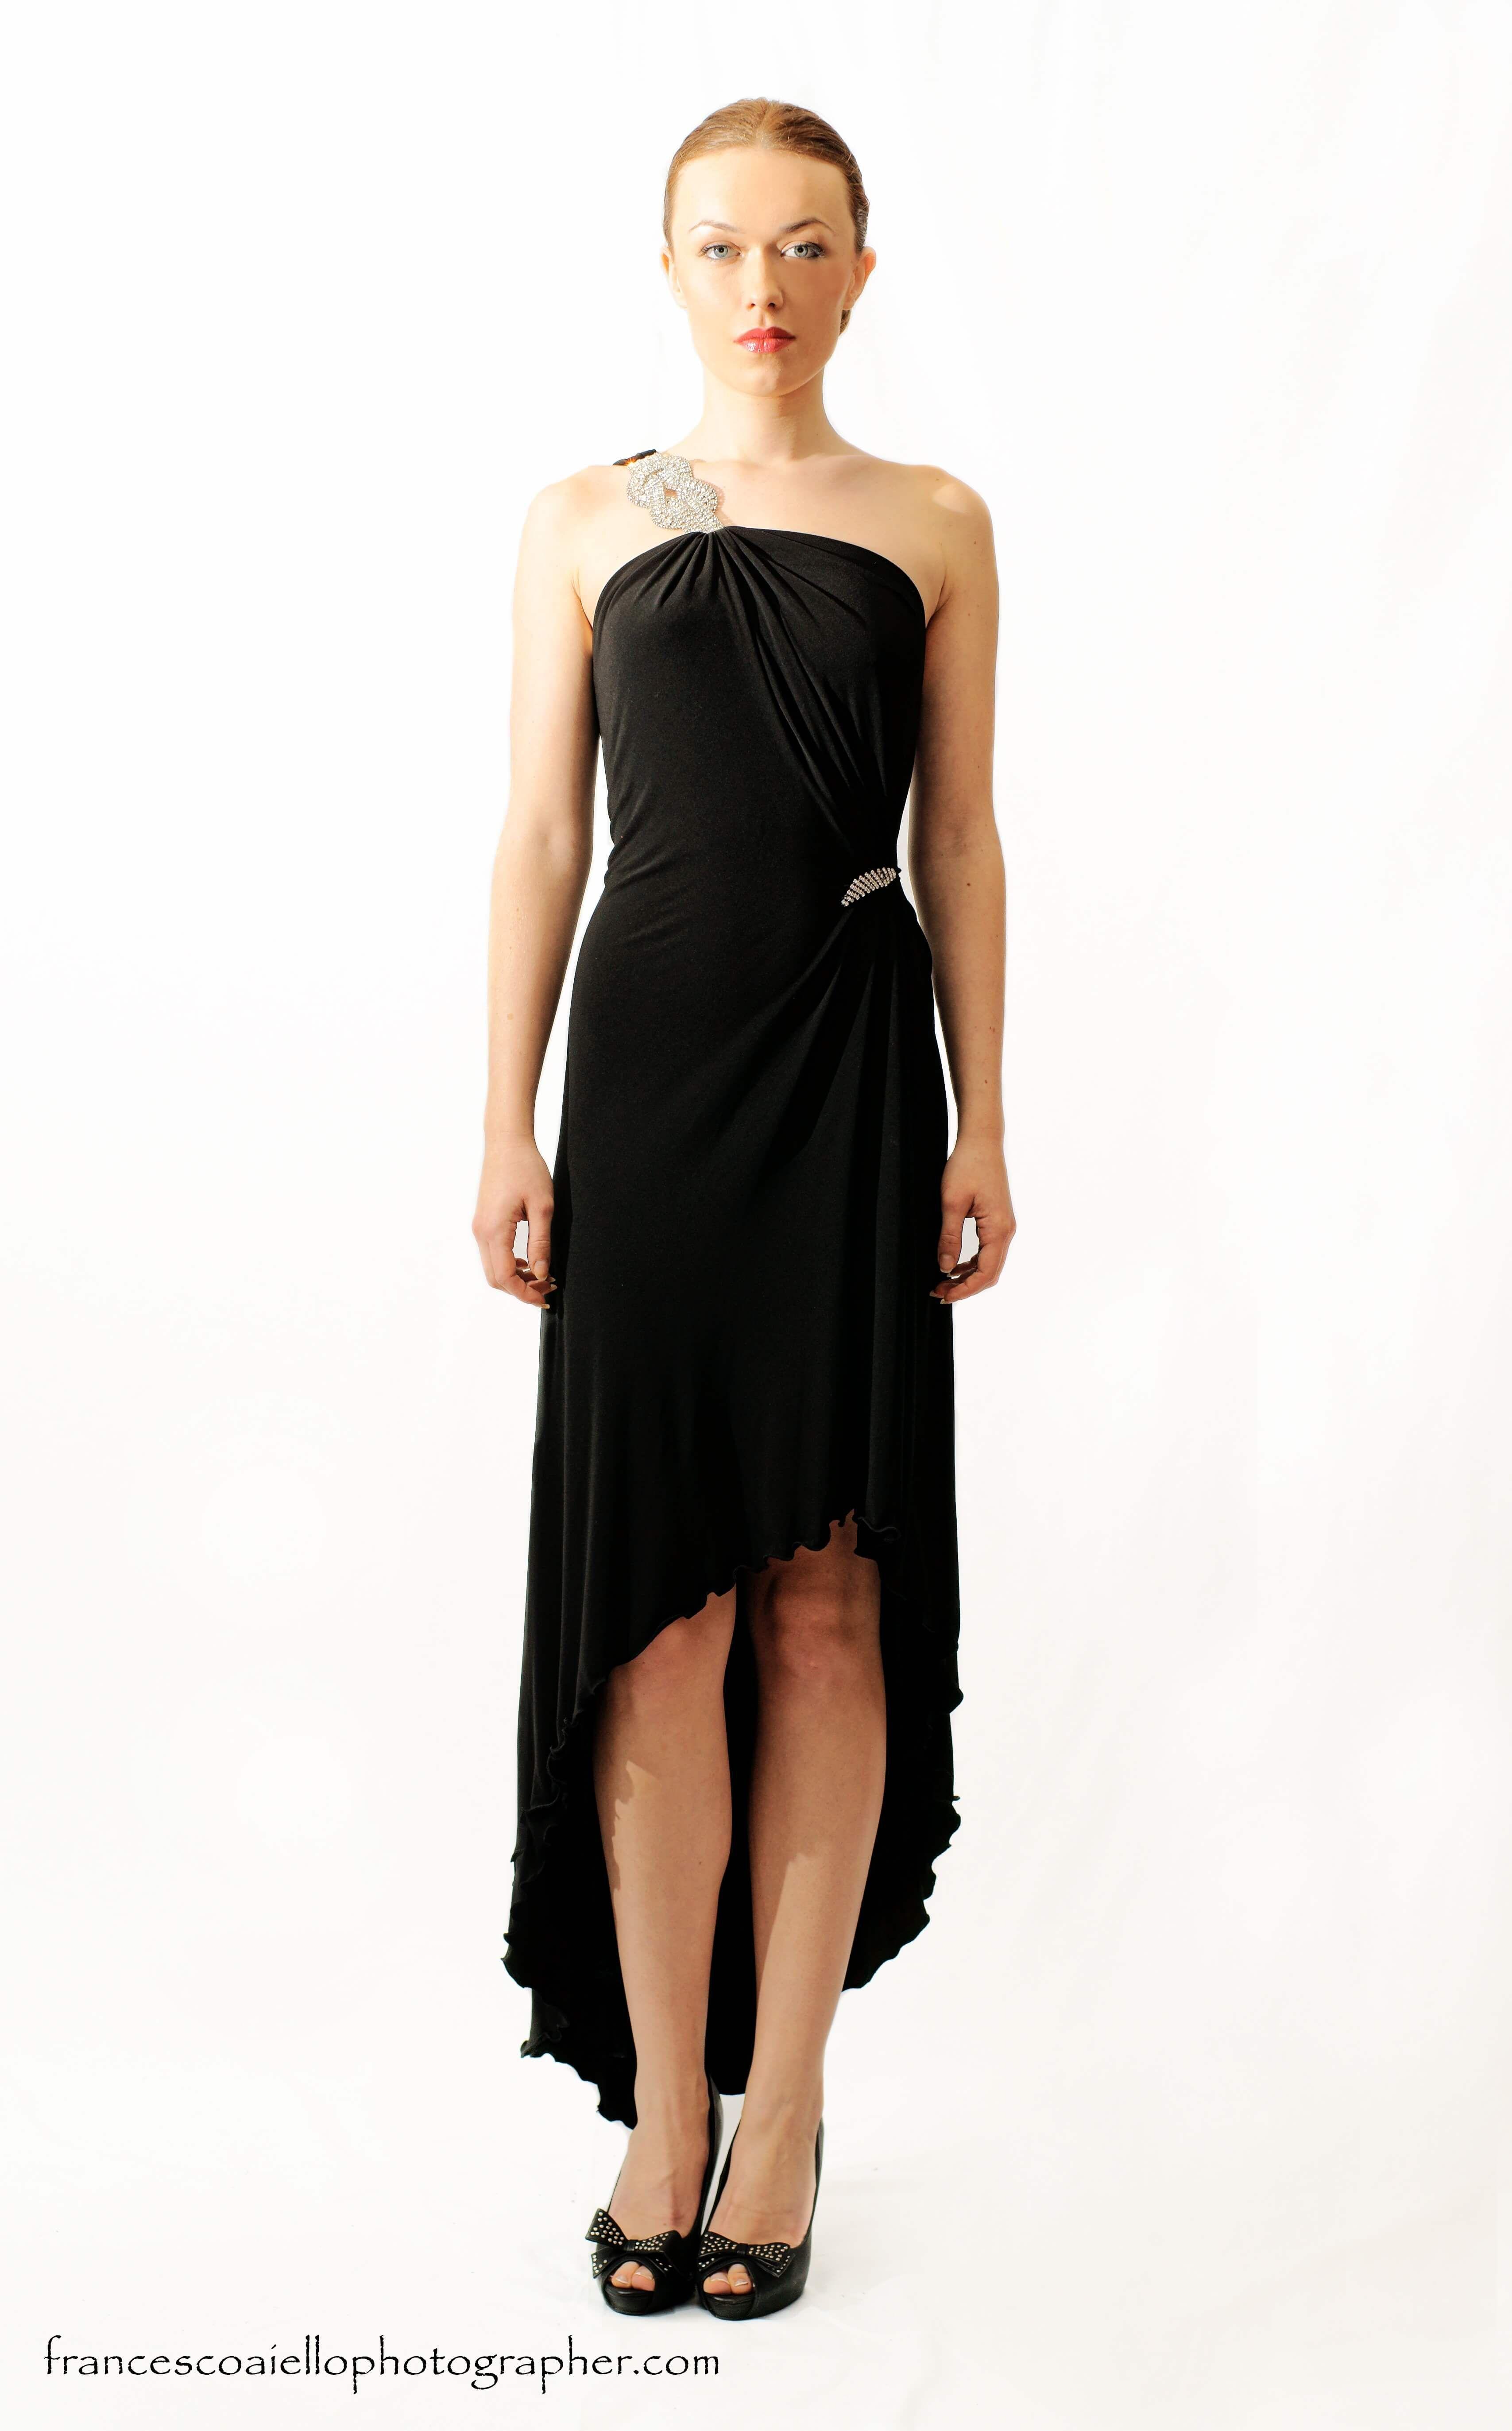 81e26d3edd Te encantará al espalda de este vestido de fiesta largo negro con un solo  tirante lateral. Fíjate en su apliques metálicos en hombro y cadera. 420€